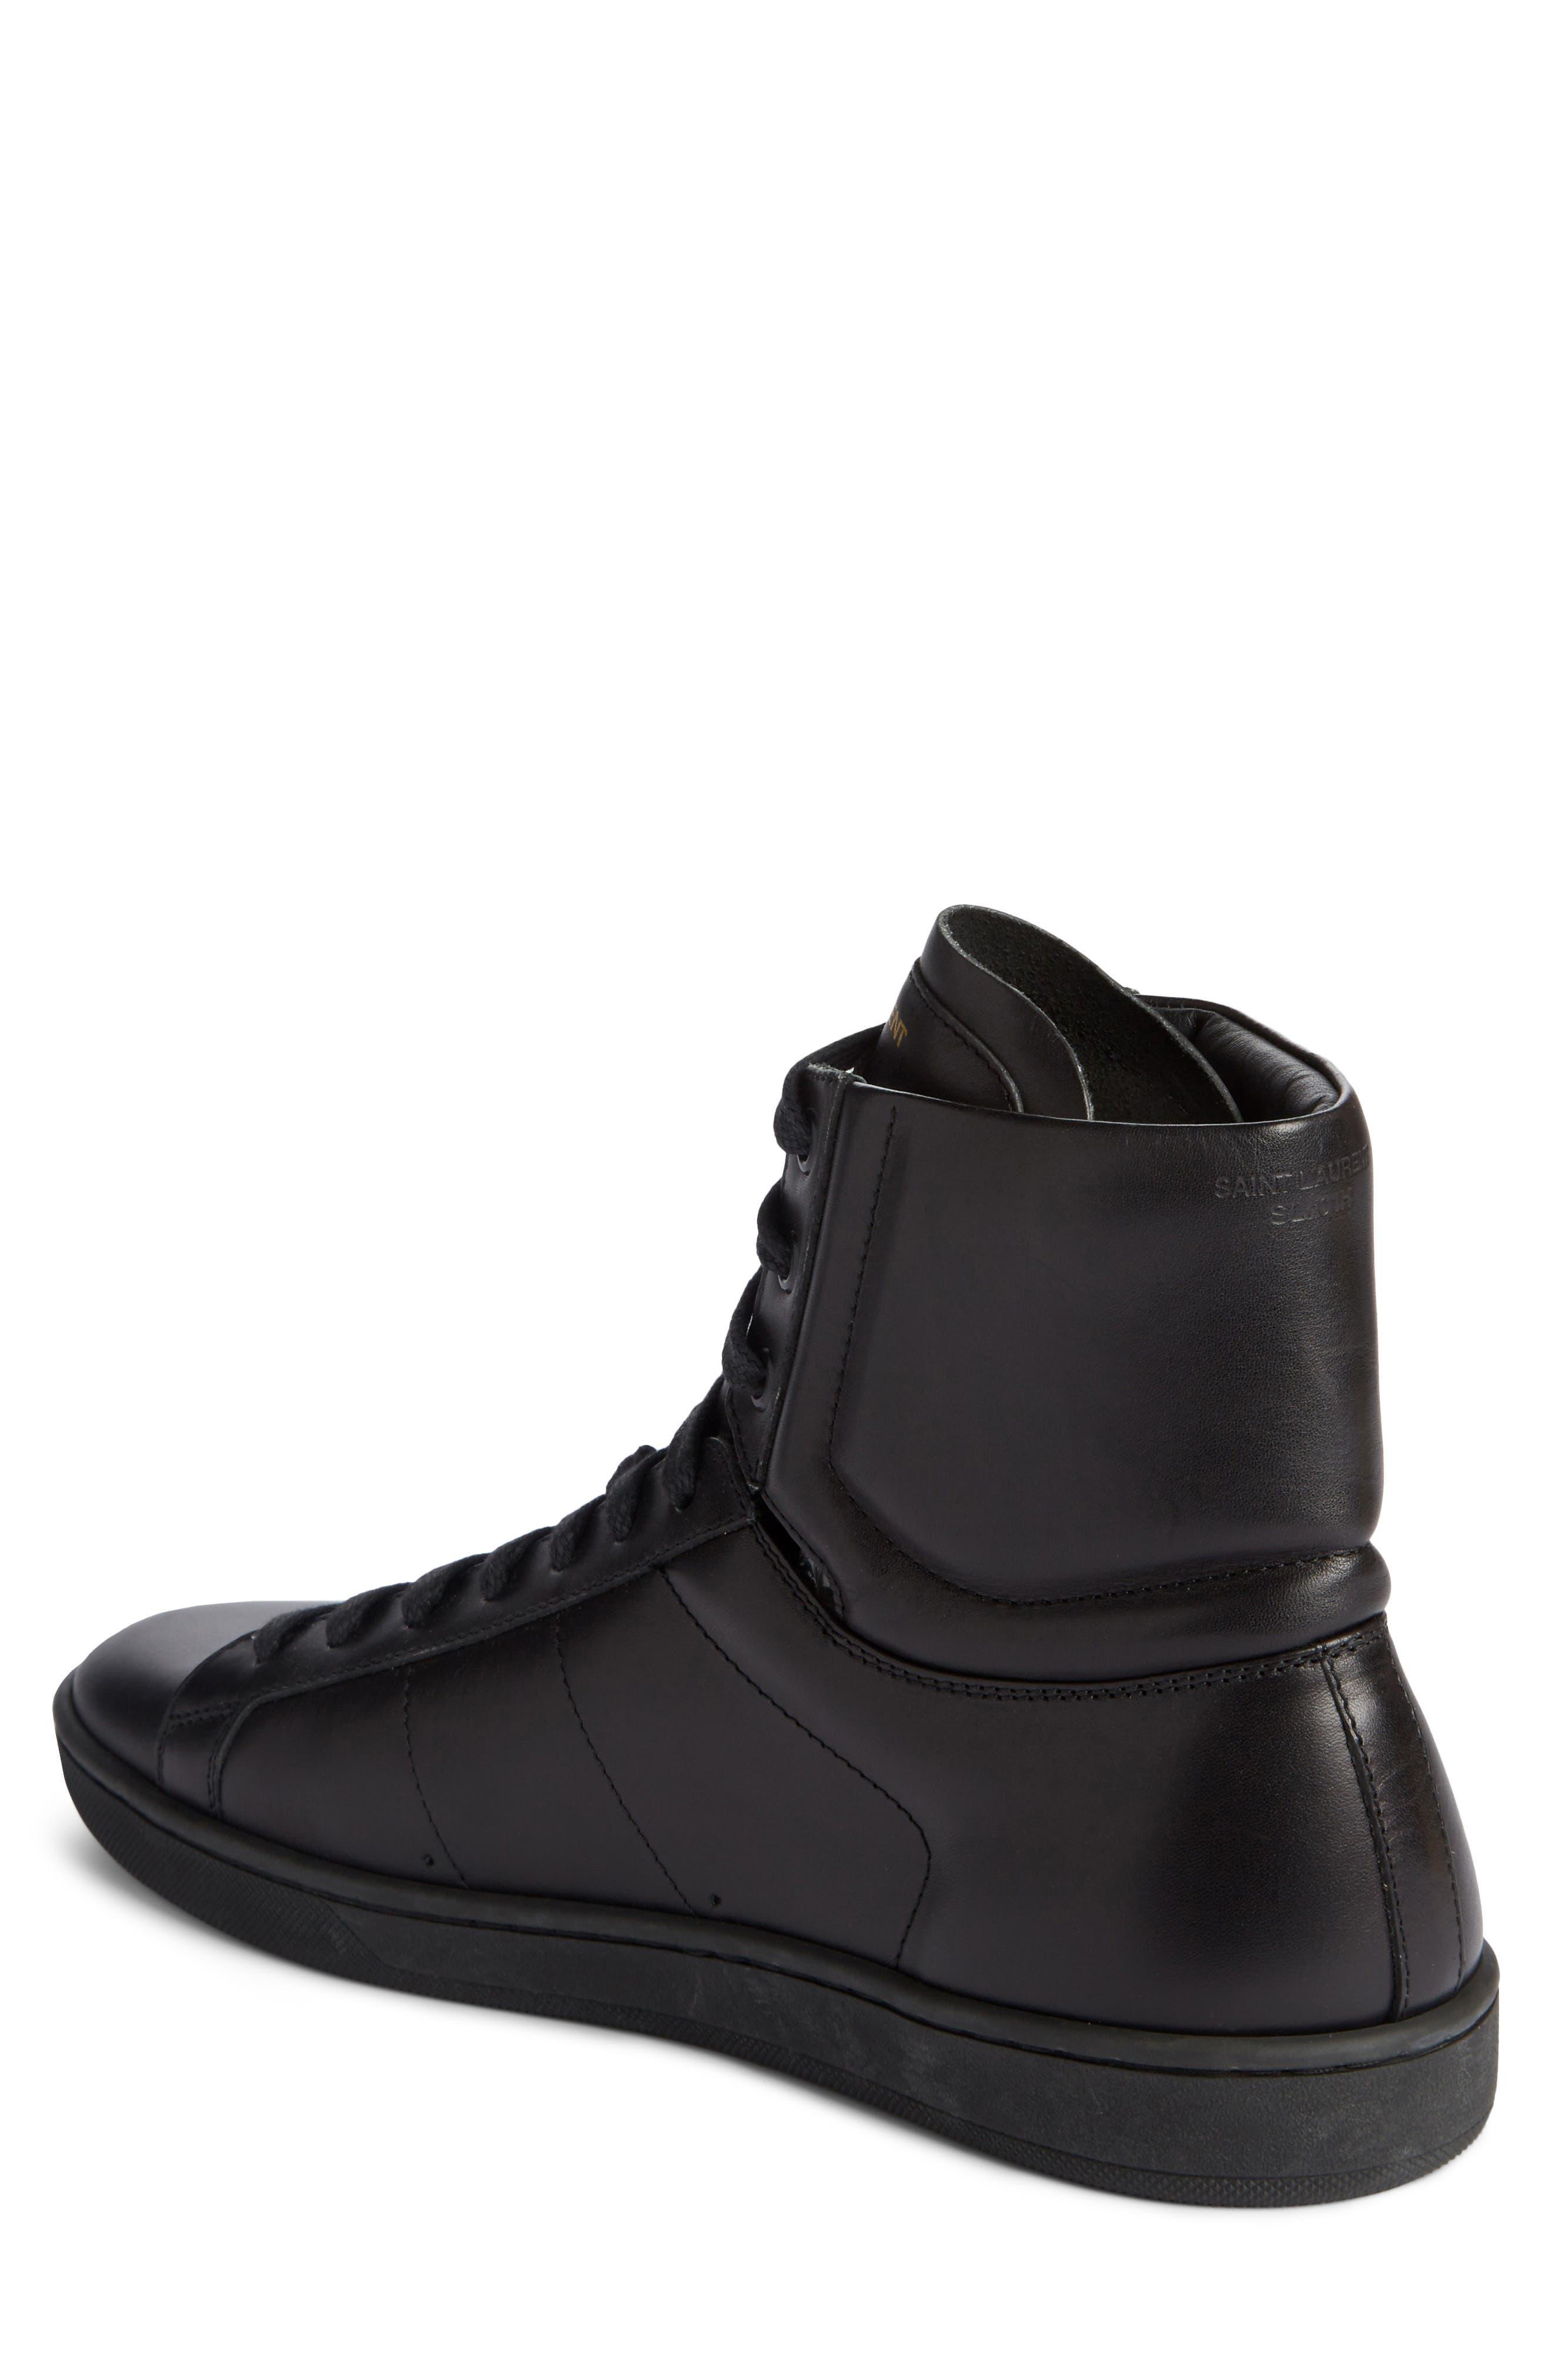 Alternate Image 2  - Saint Laurent Signature Court Classic Sneaker (Men)